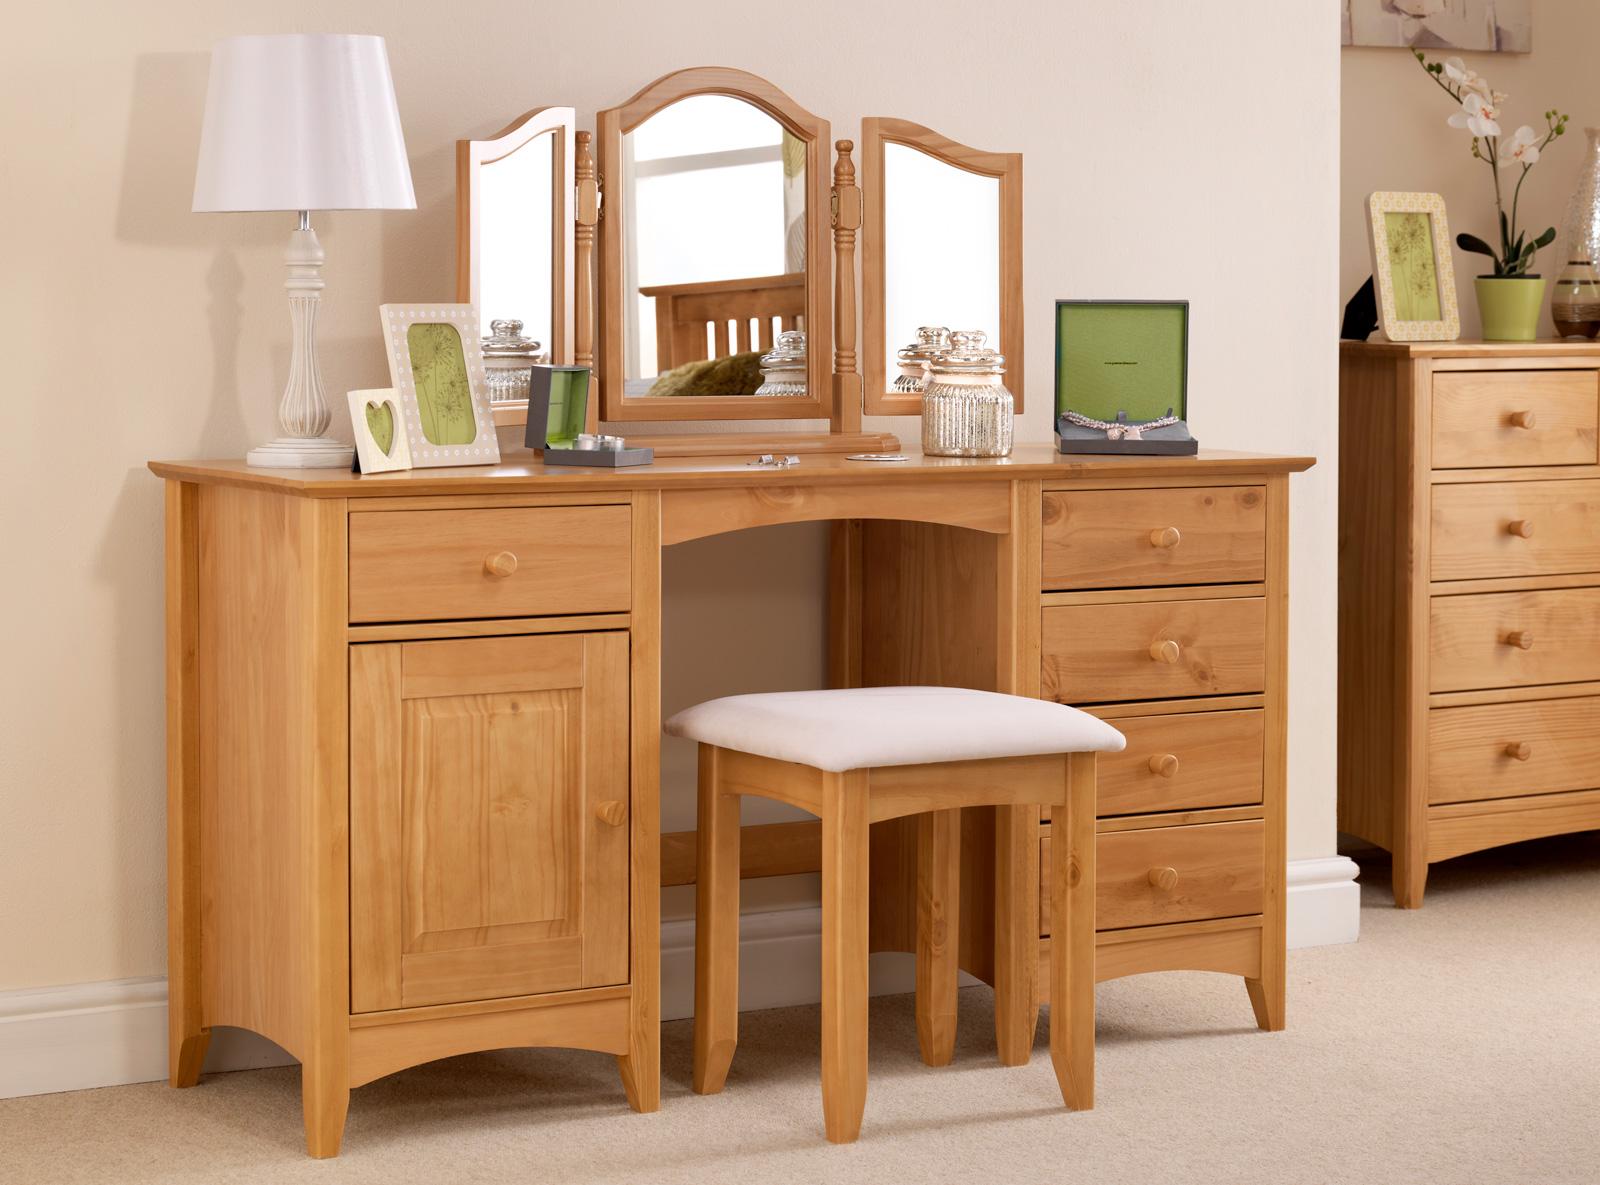 Liquid-Image-Bedroom-Set-03.jpg